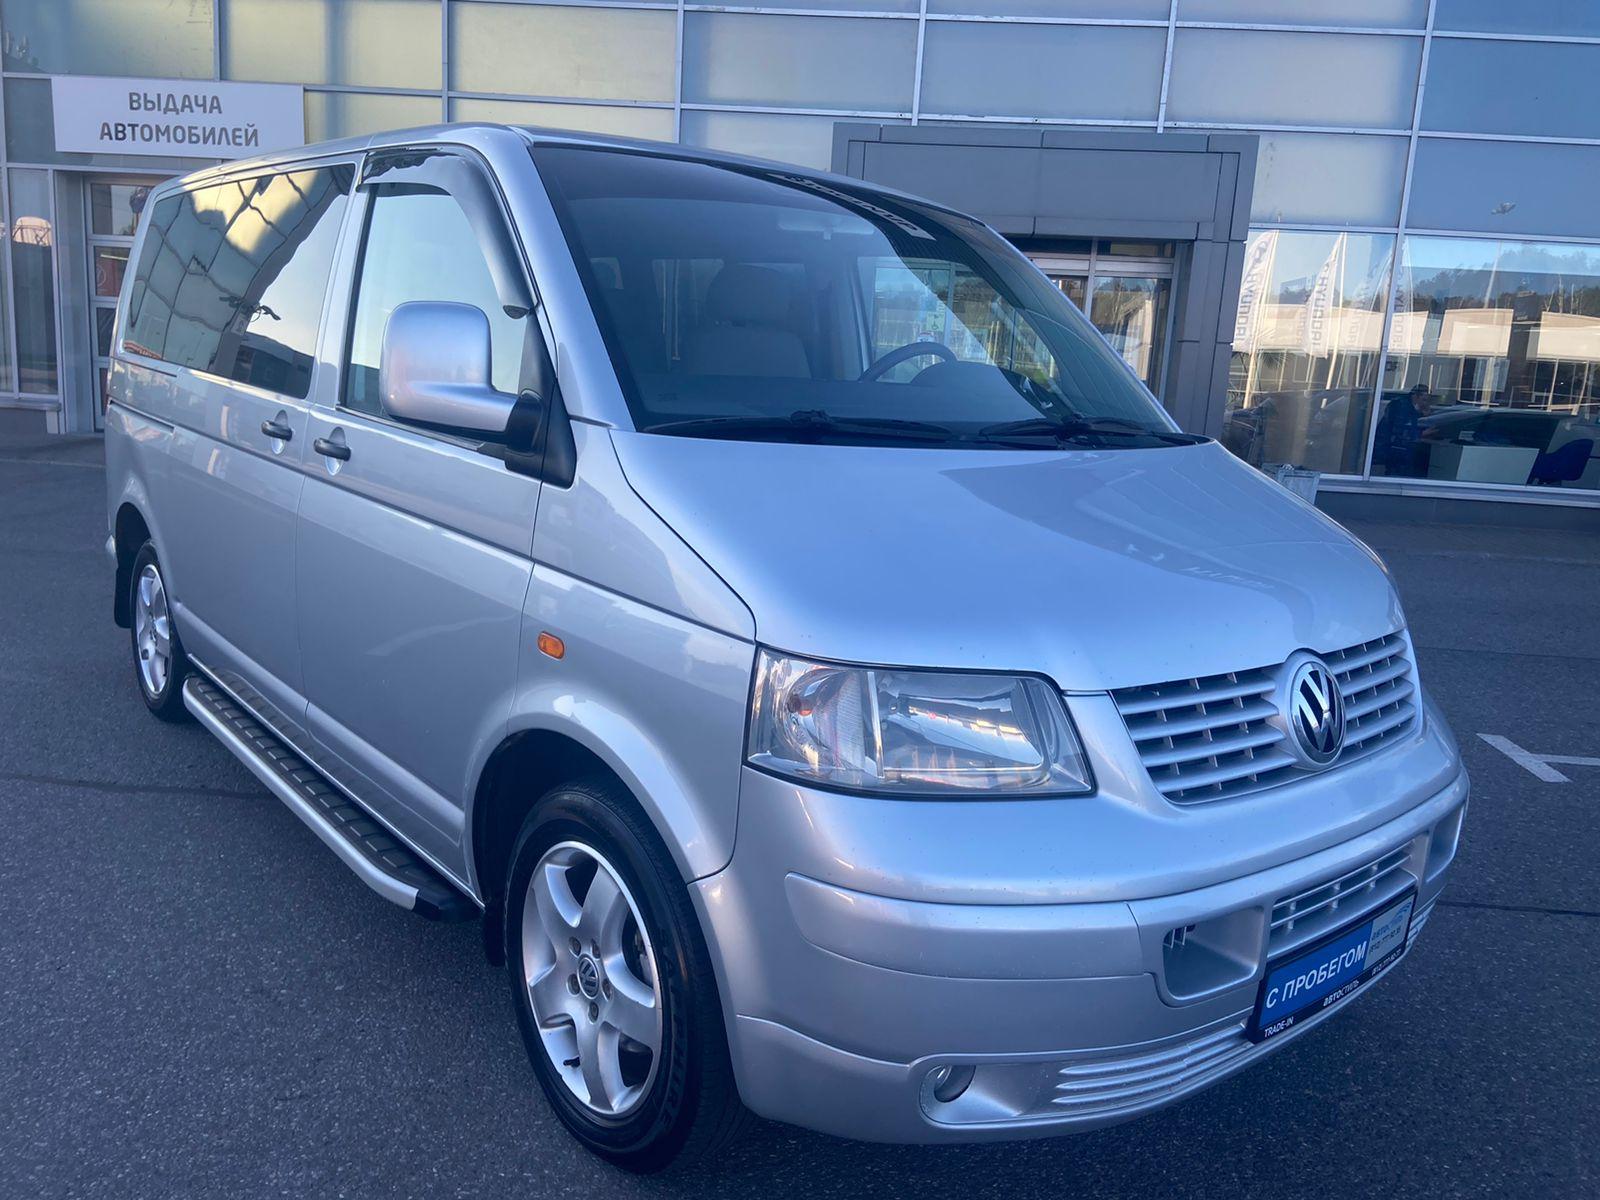 Volkswagen Transporter, T5